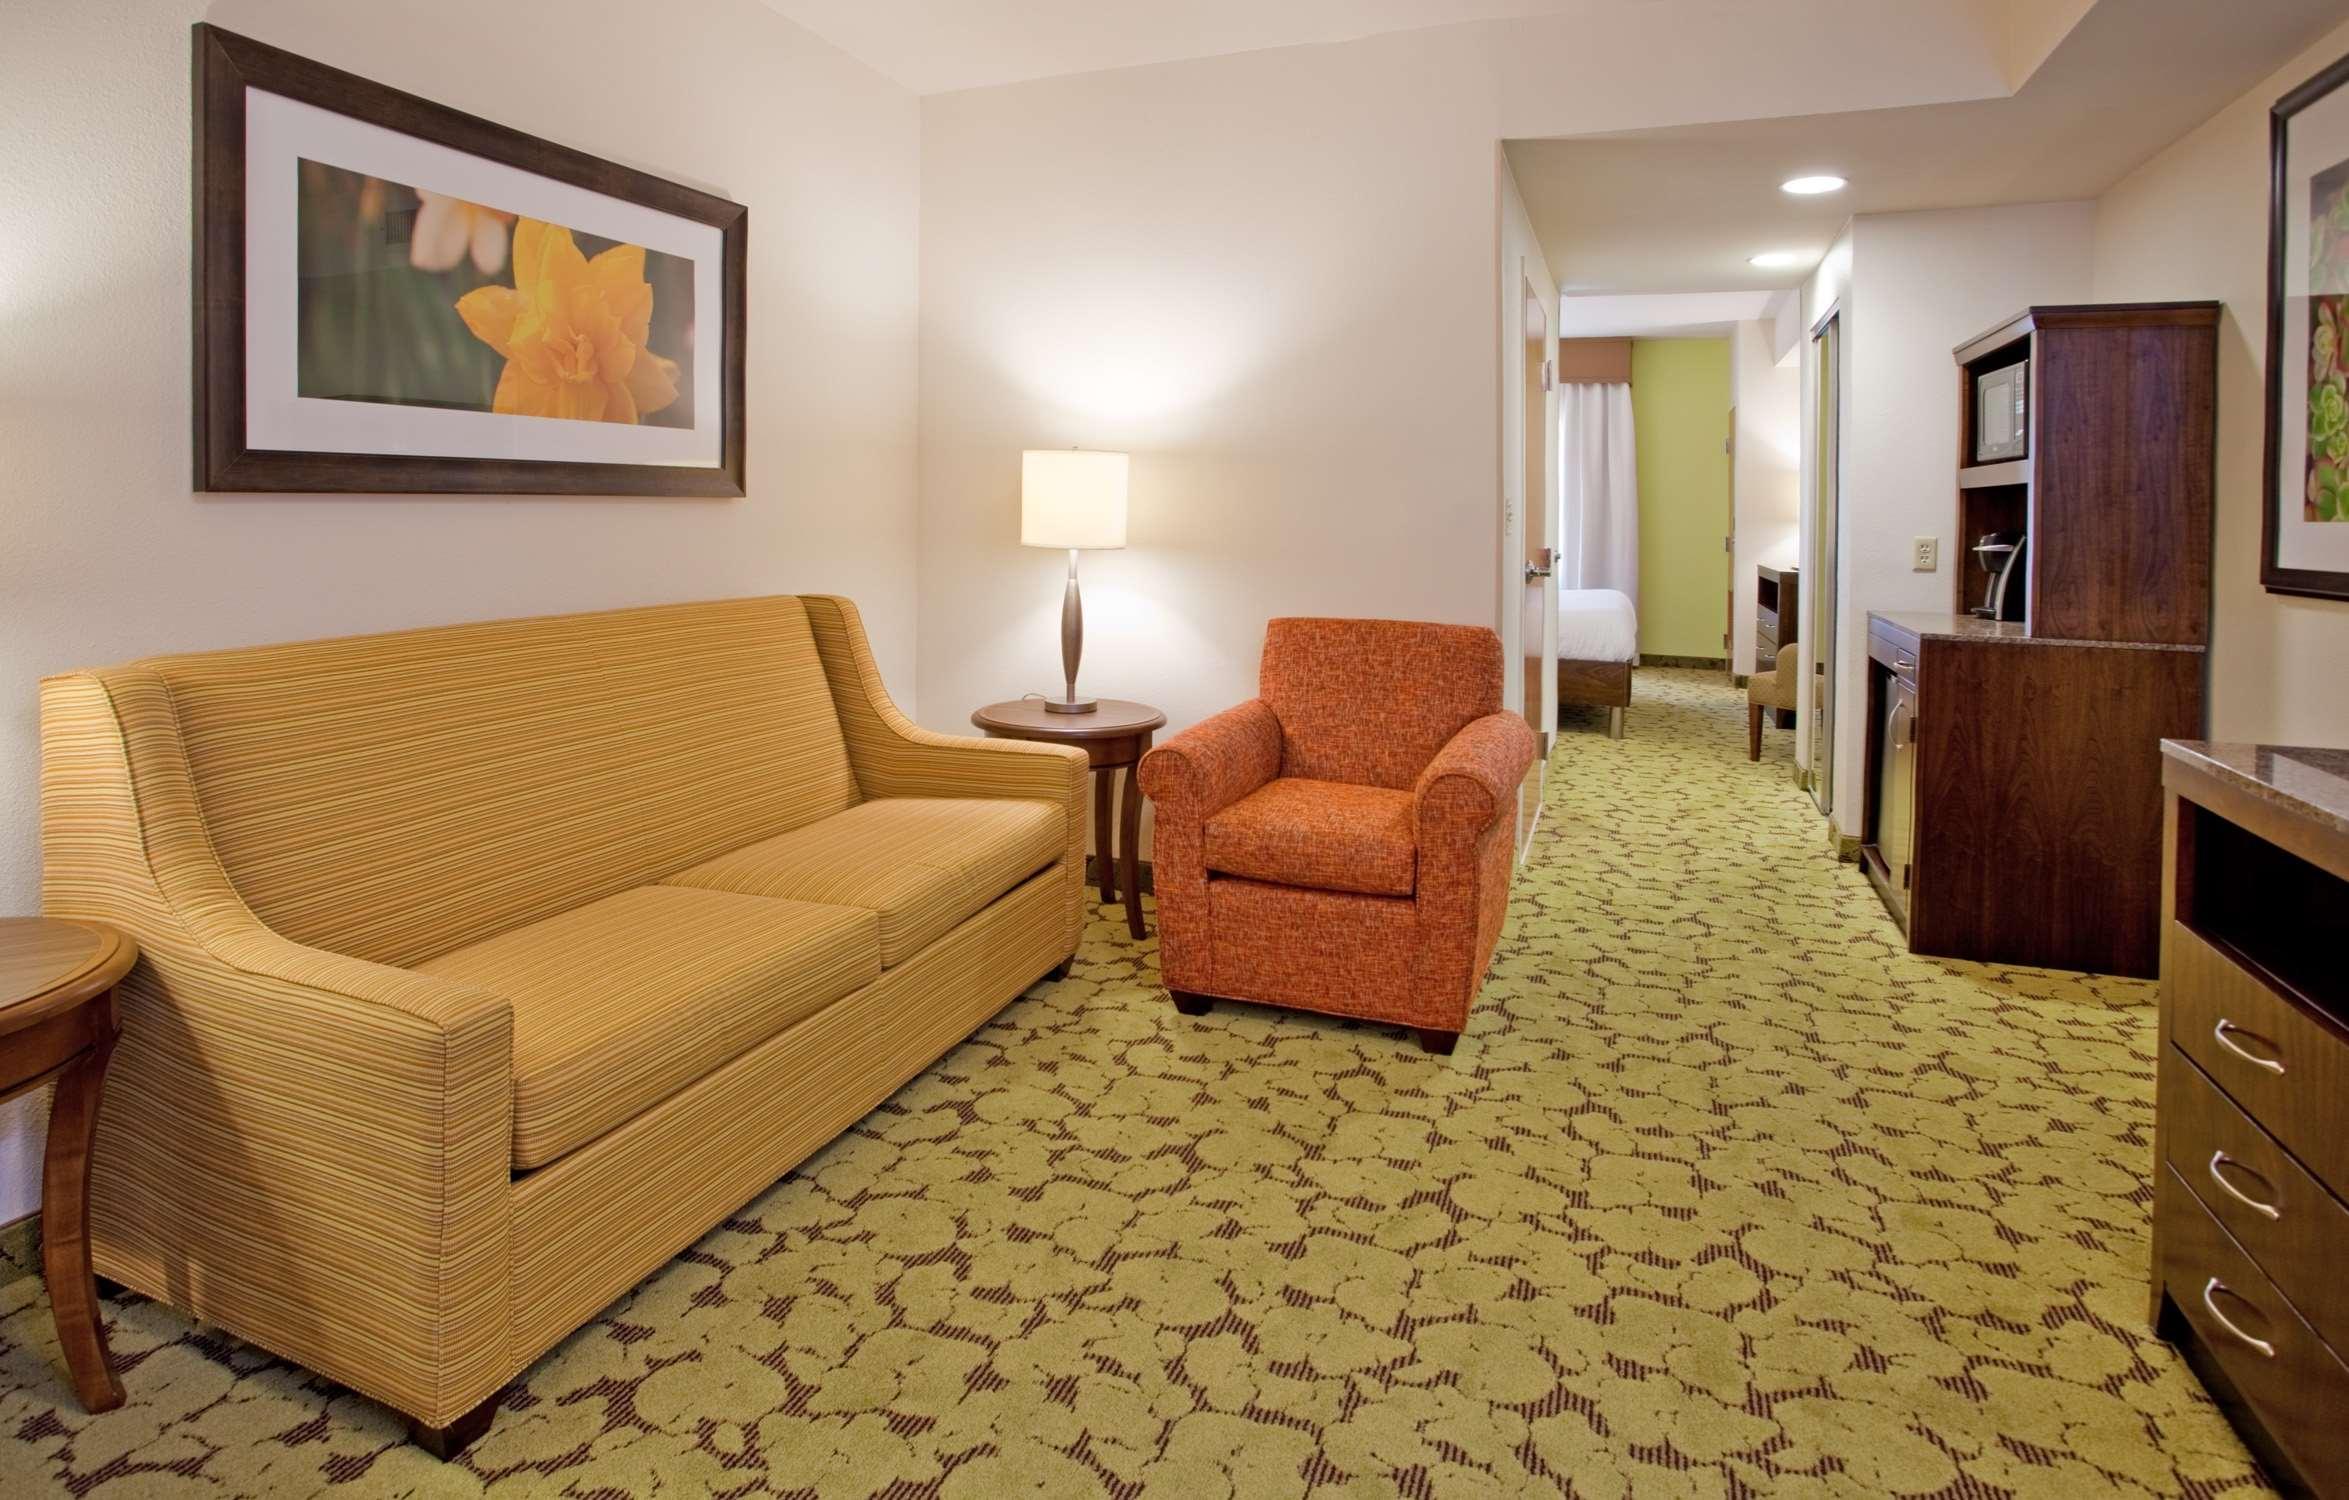 Hilton Garden Inn Boca Raton image 19